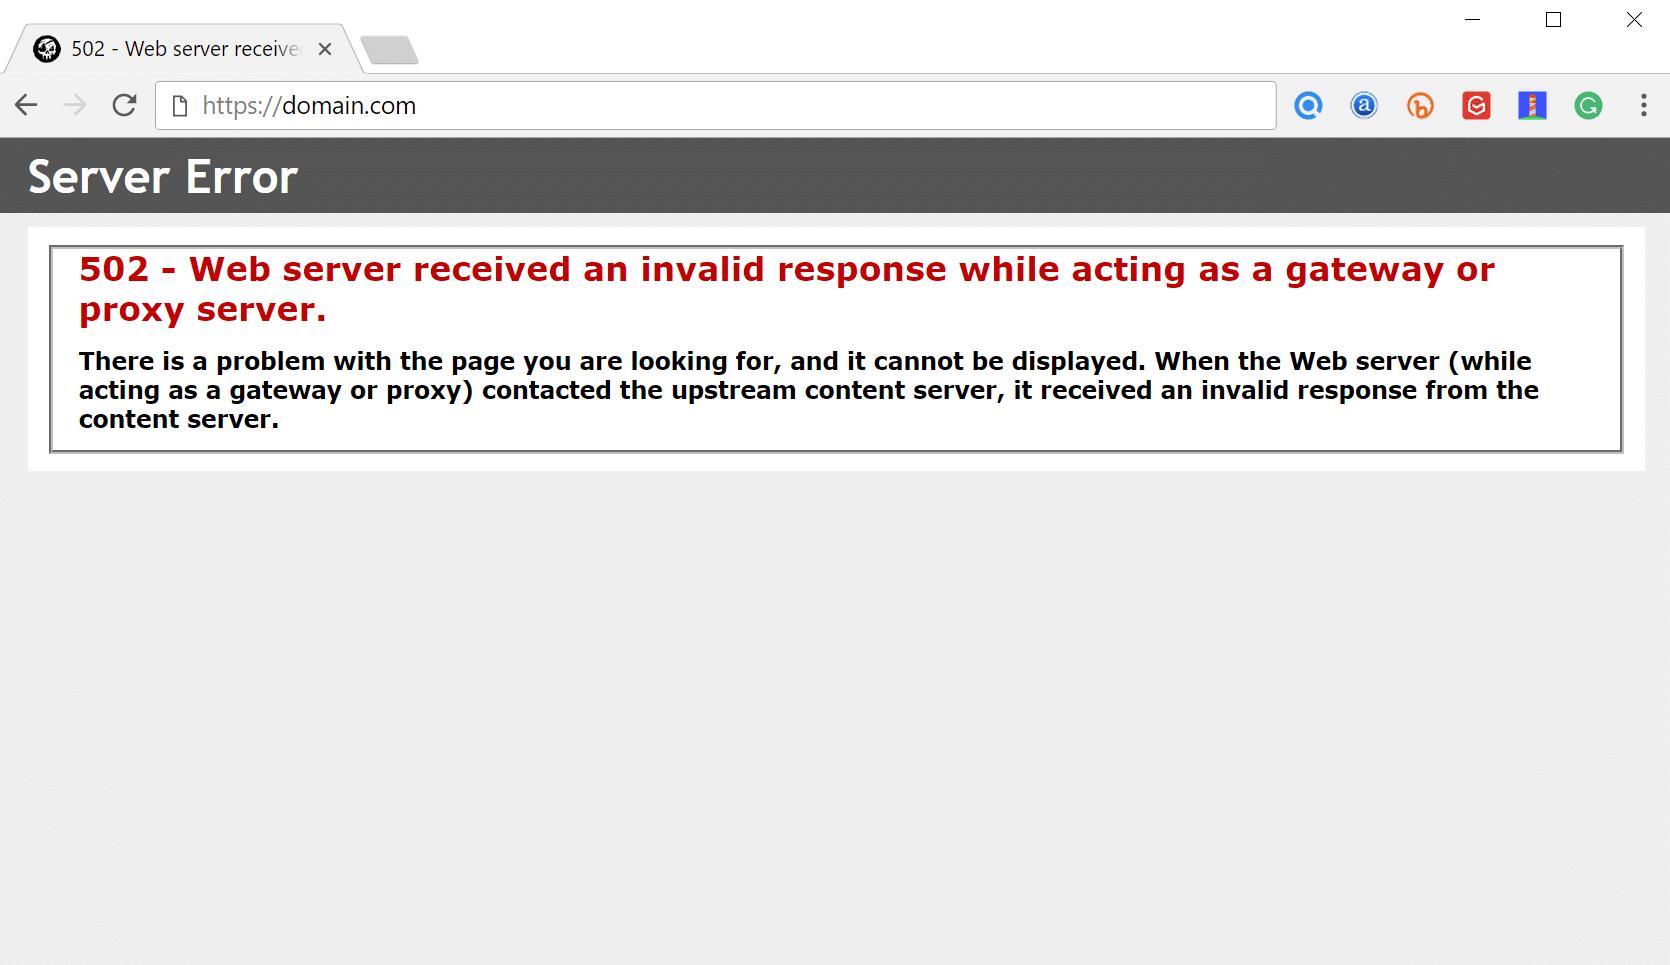 502-ウェブサーバは不正な応答を受け取った